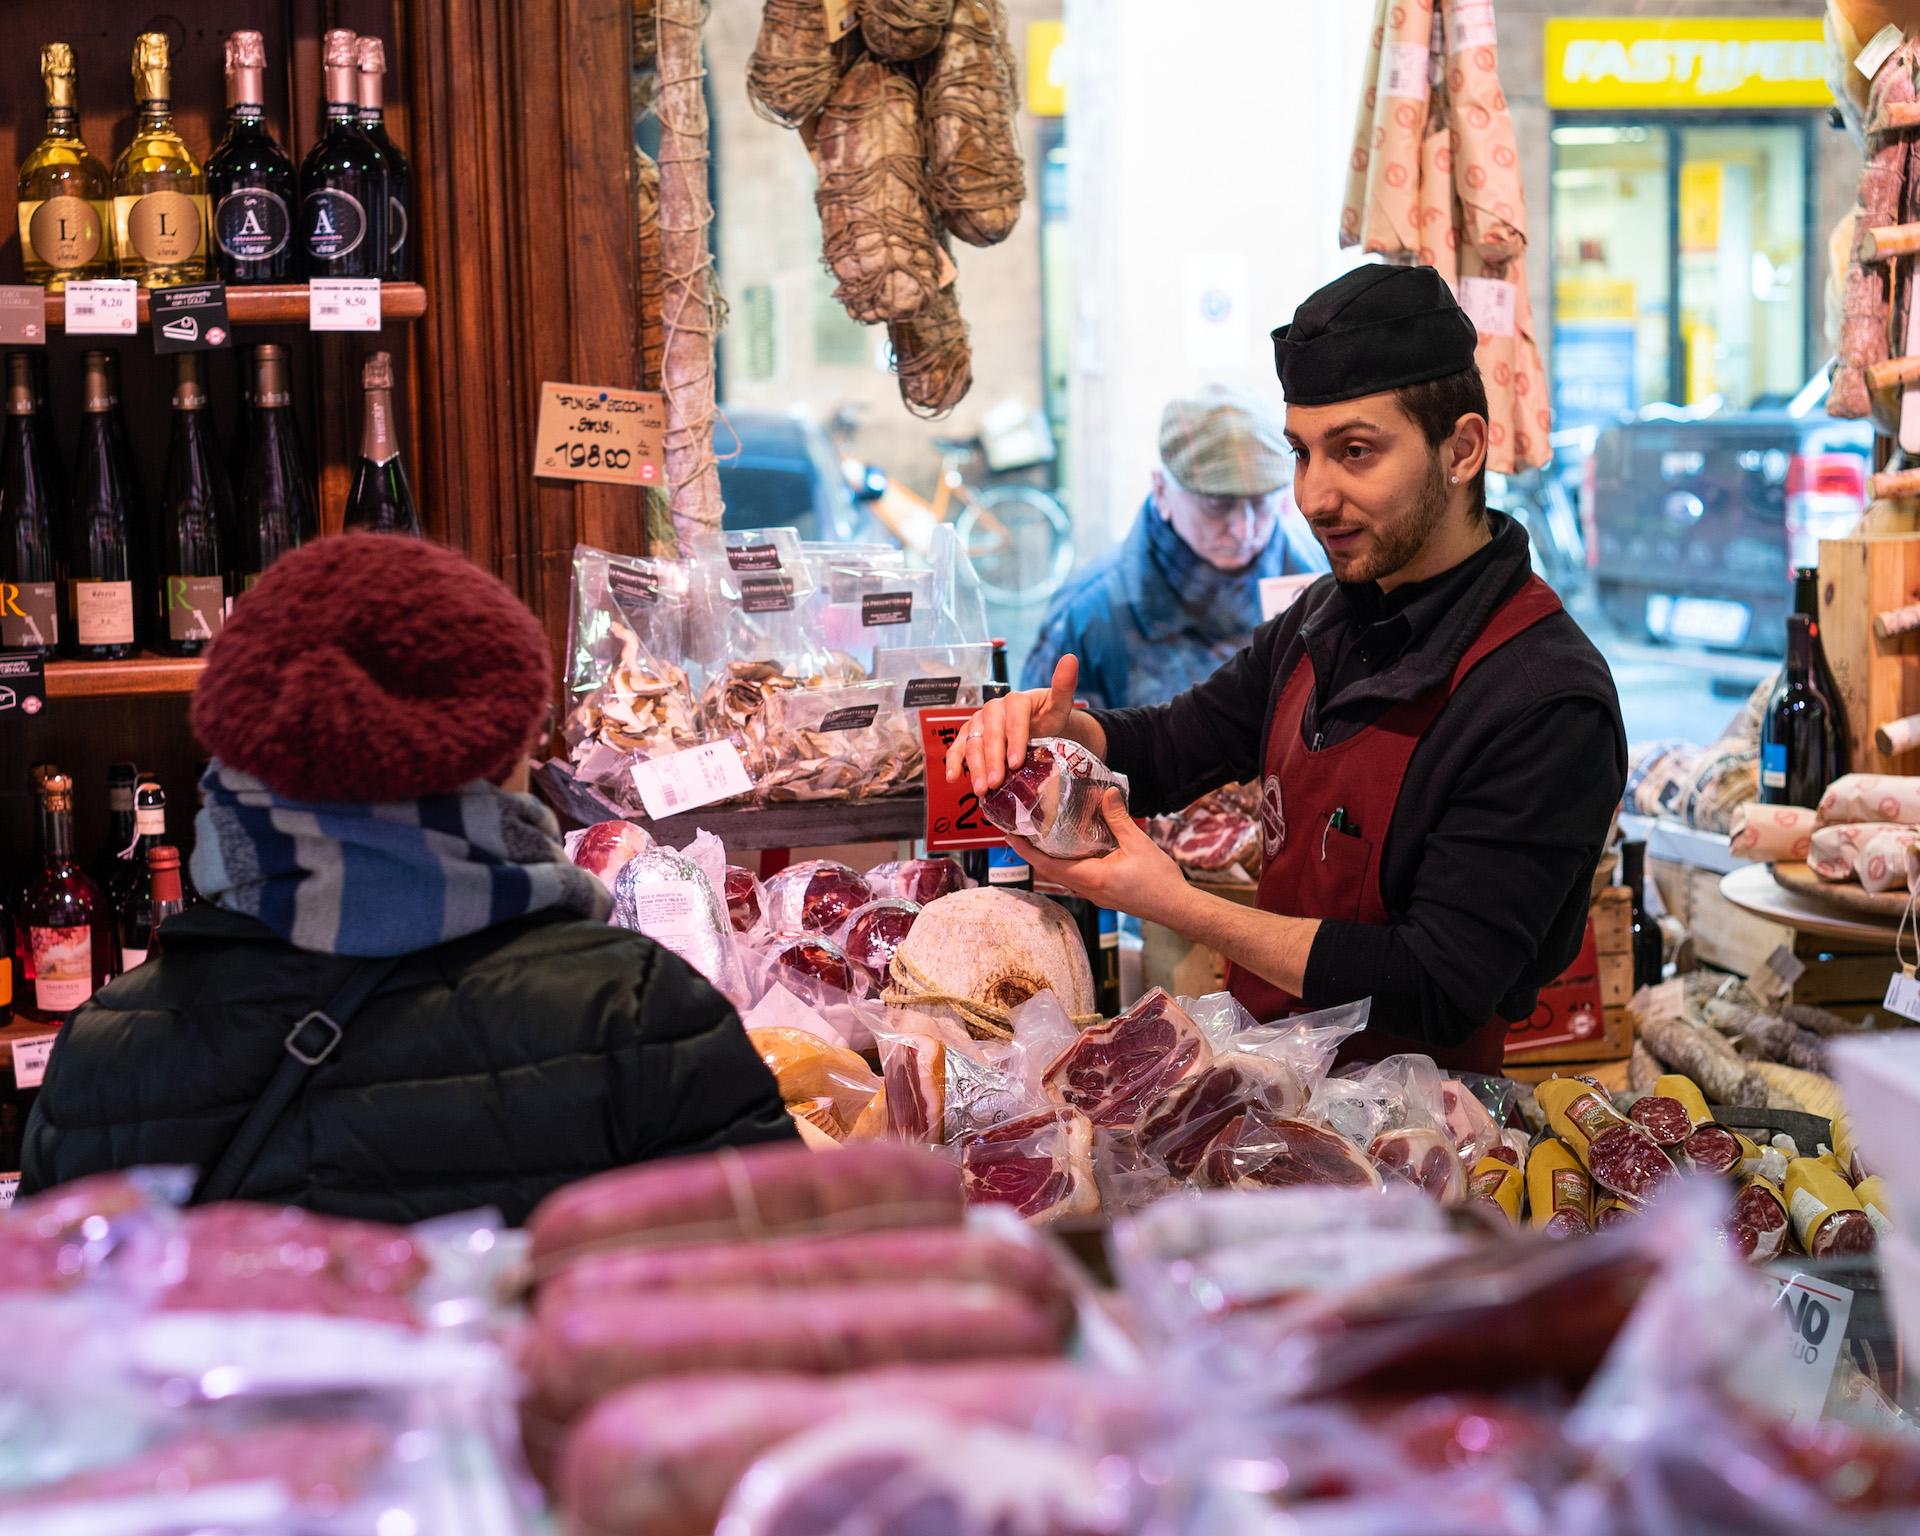 Delicious Emilia-Romagna: Parma and Culatello hams, Parmigiano Reggiano, pasta and dried mushrooms